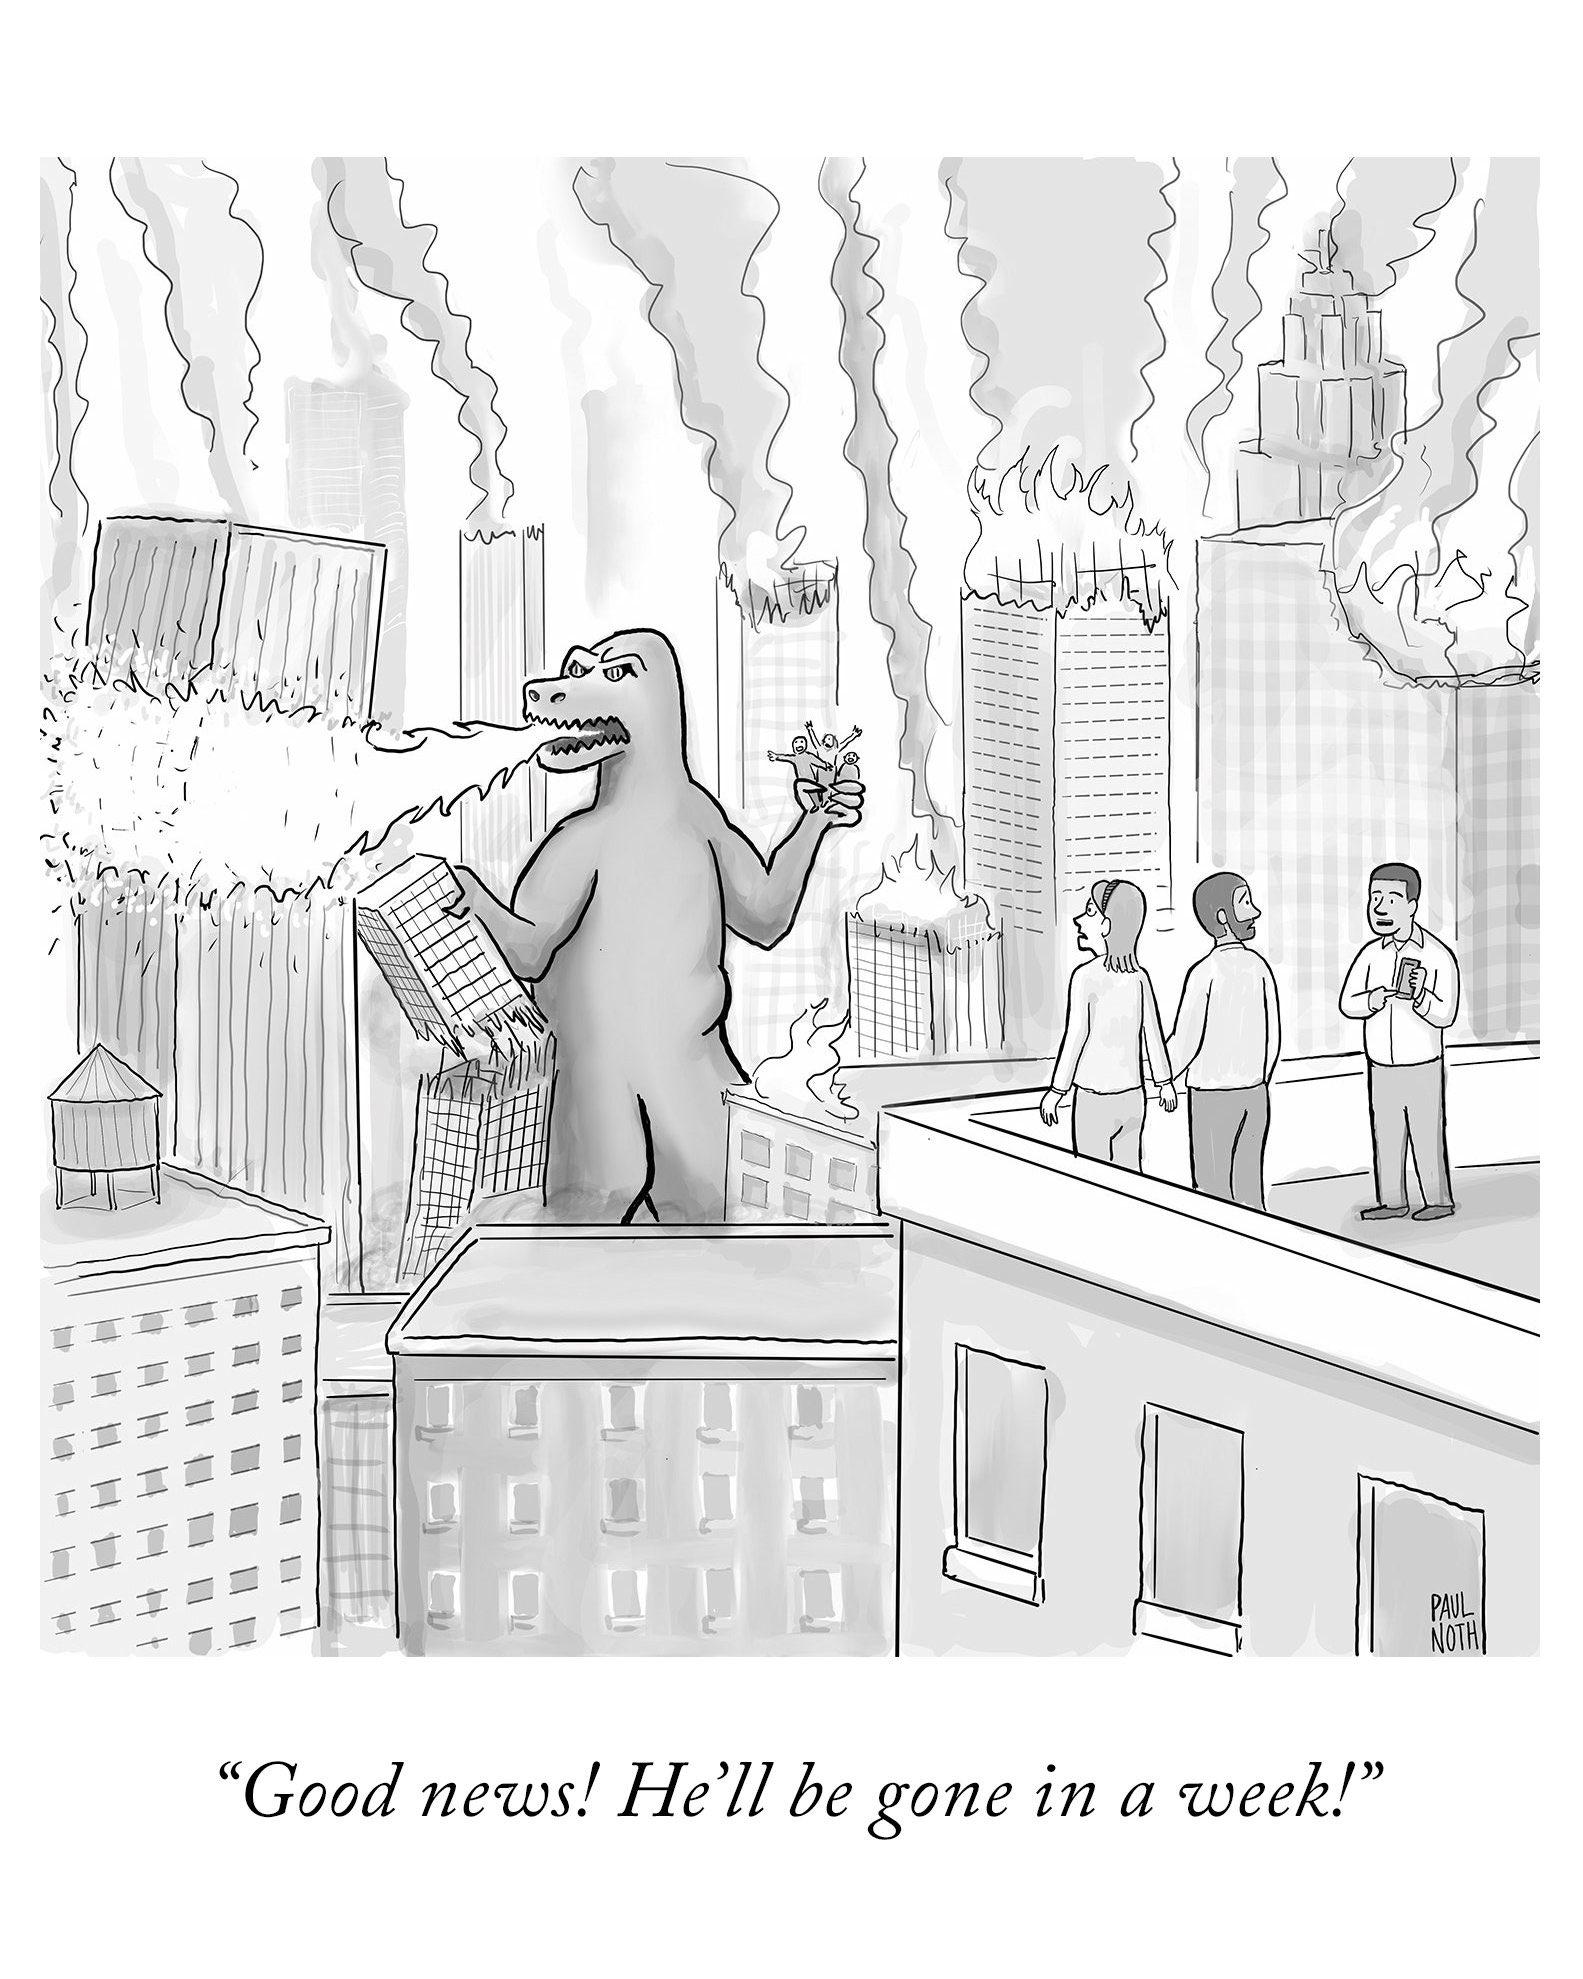 Politik Humor Funny NYer; Haben sie schönes Montag und toll Start zum Wochenbeginn.!